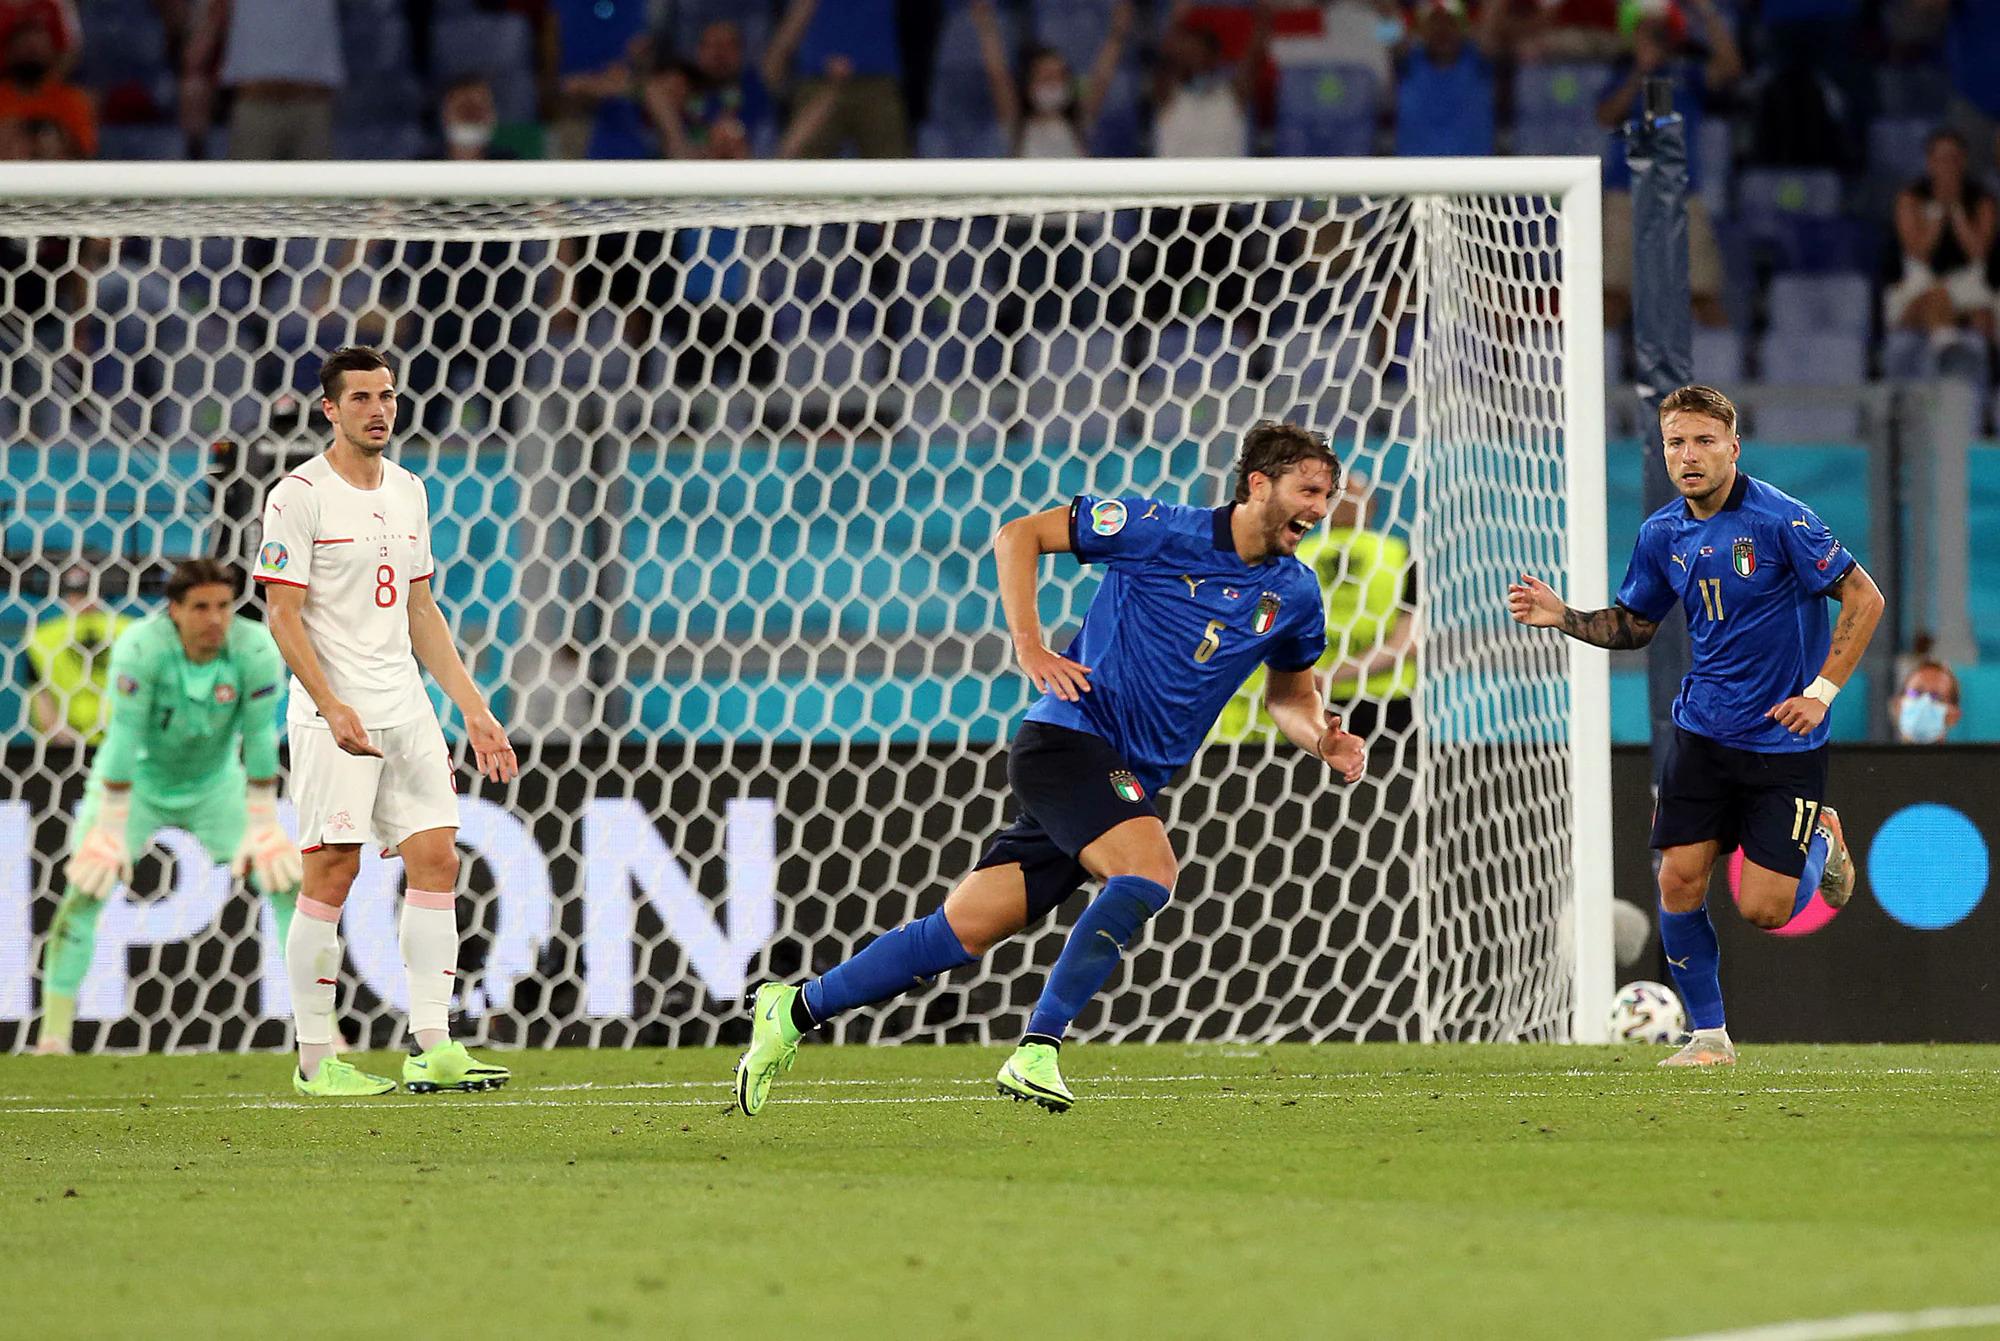 Manuel Locatelli merayakan pembukaan skor pada menit 26. Foto: Corriere dello Sport